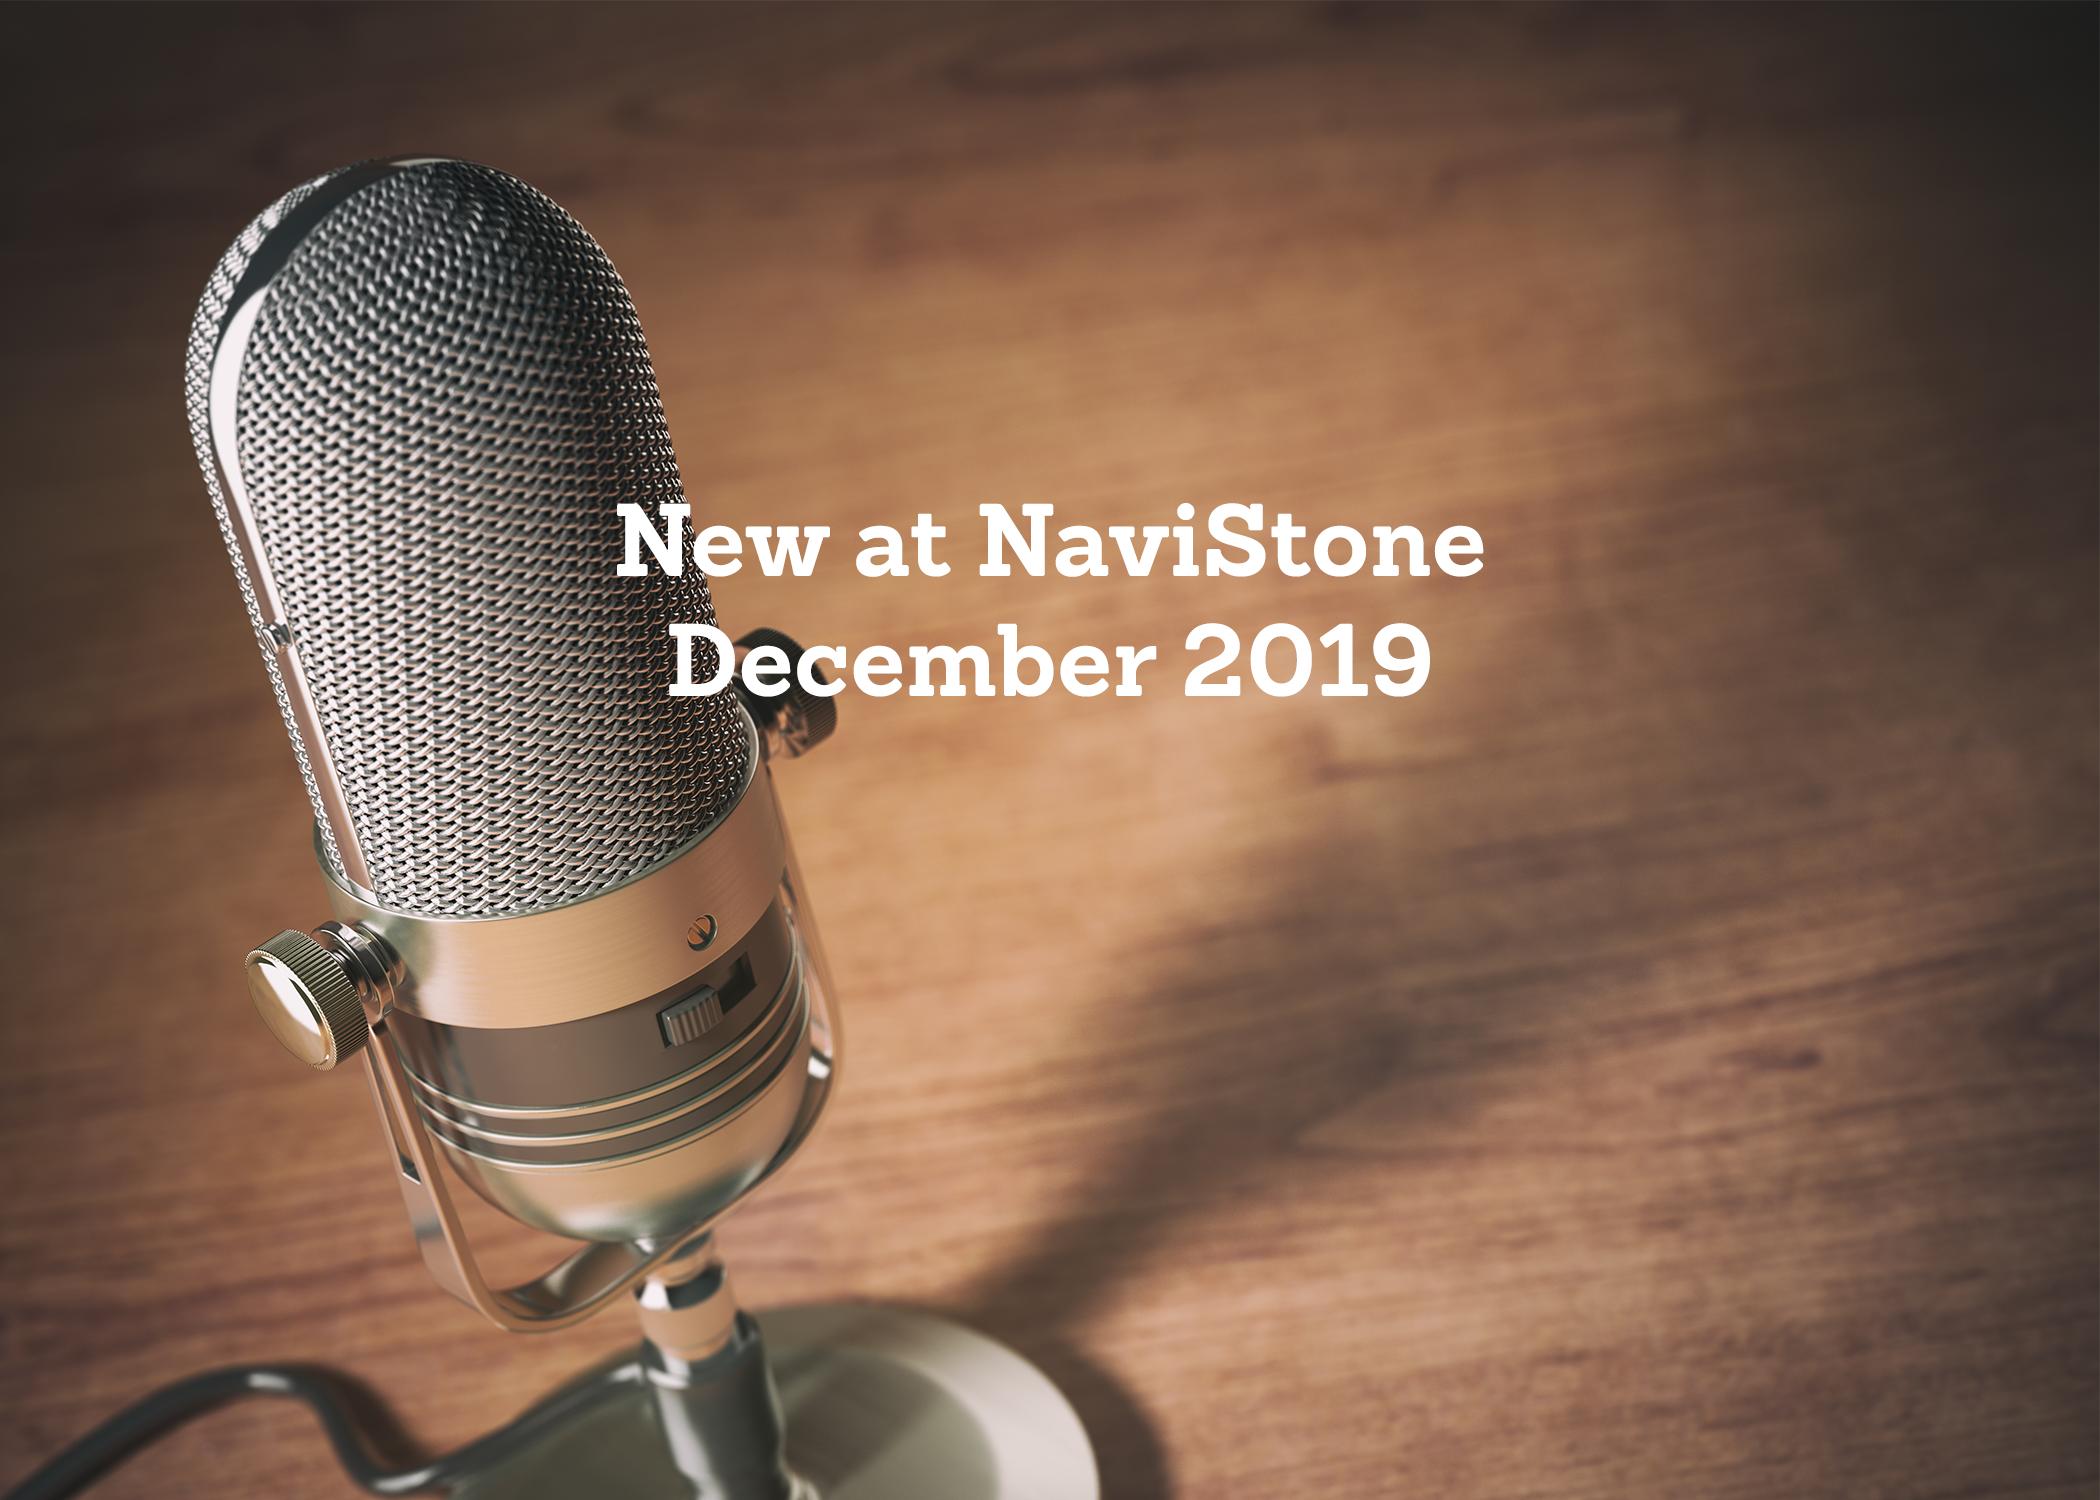 New at NaviStone December